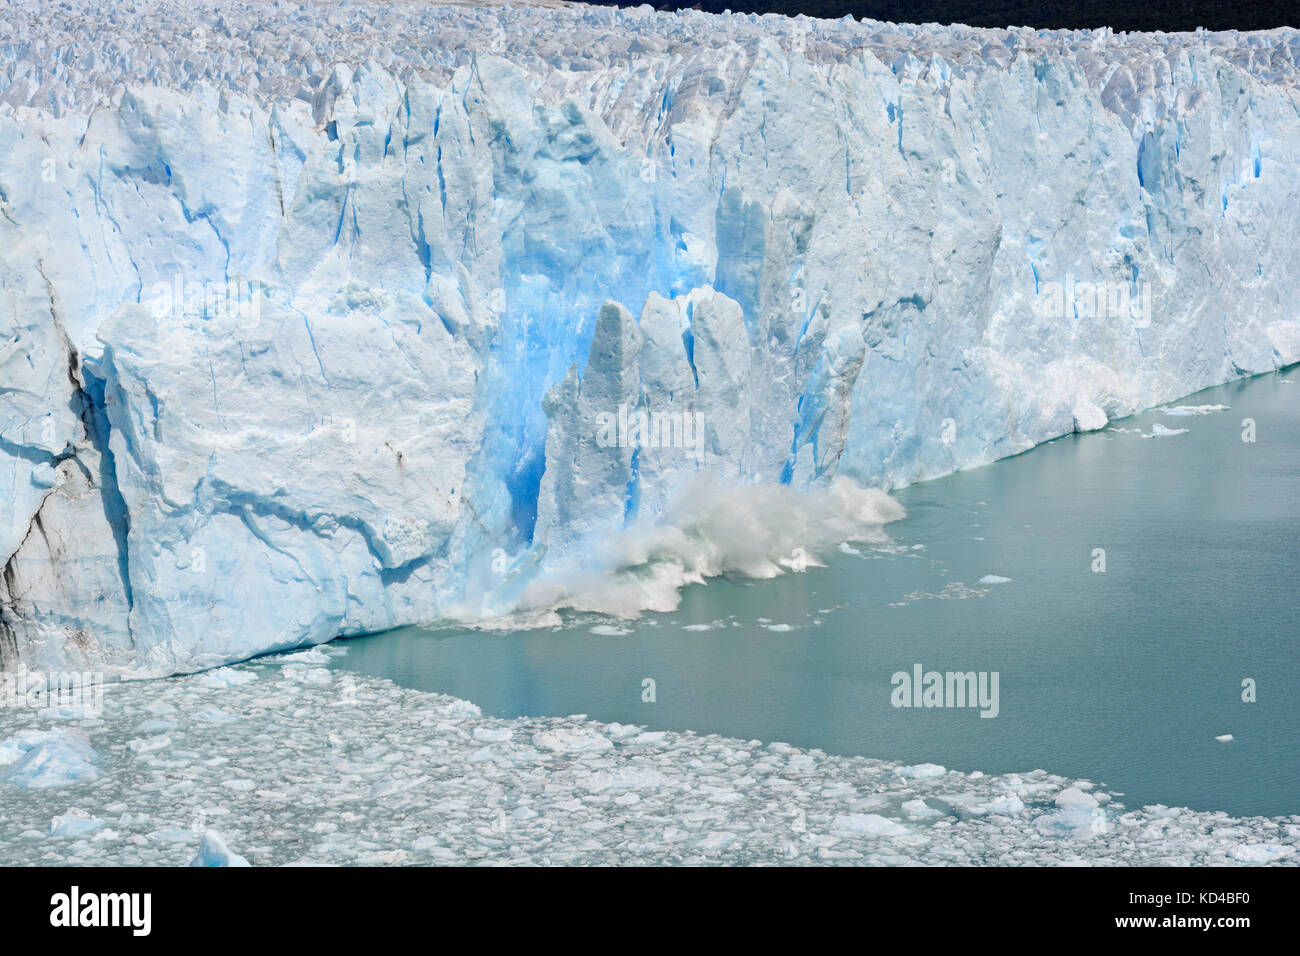 Vêlage de glace au large du glacier Perito Moreno dans le parc national Los Glaciares en Argentine Photo Stock